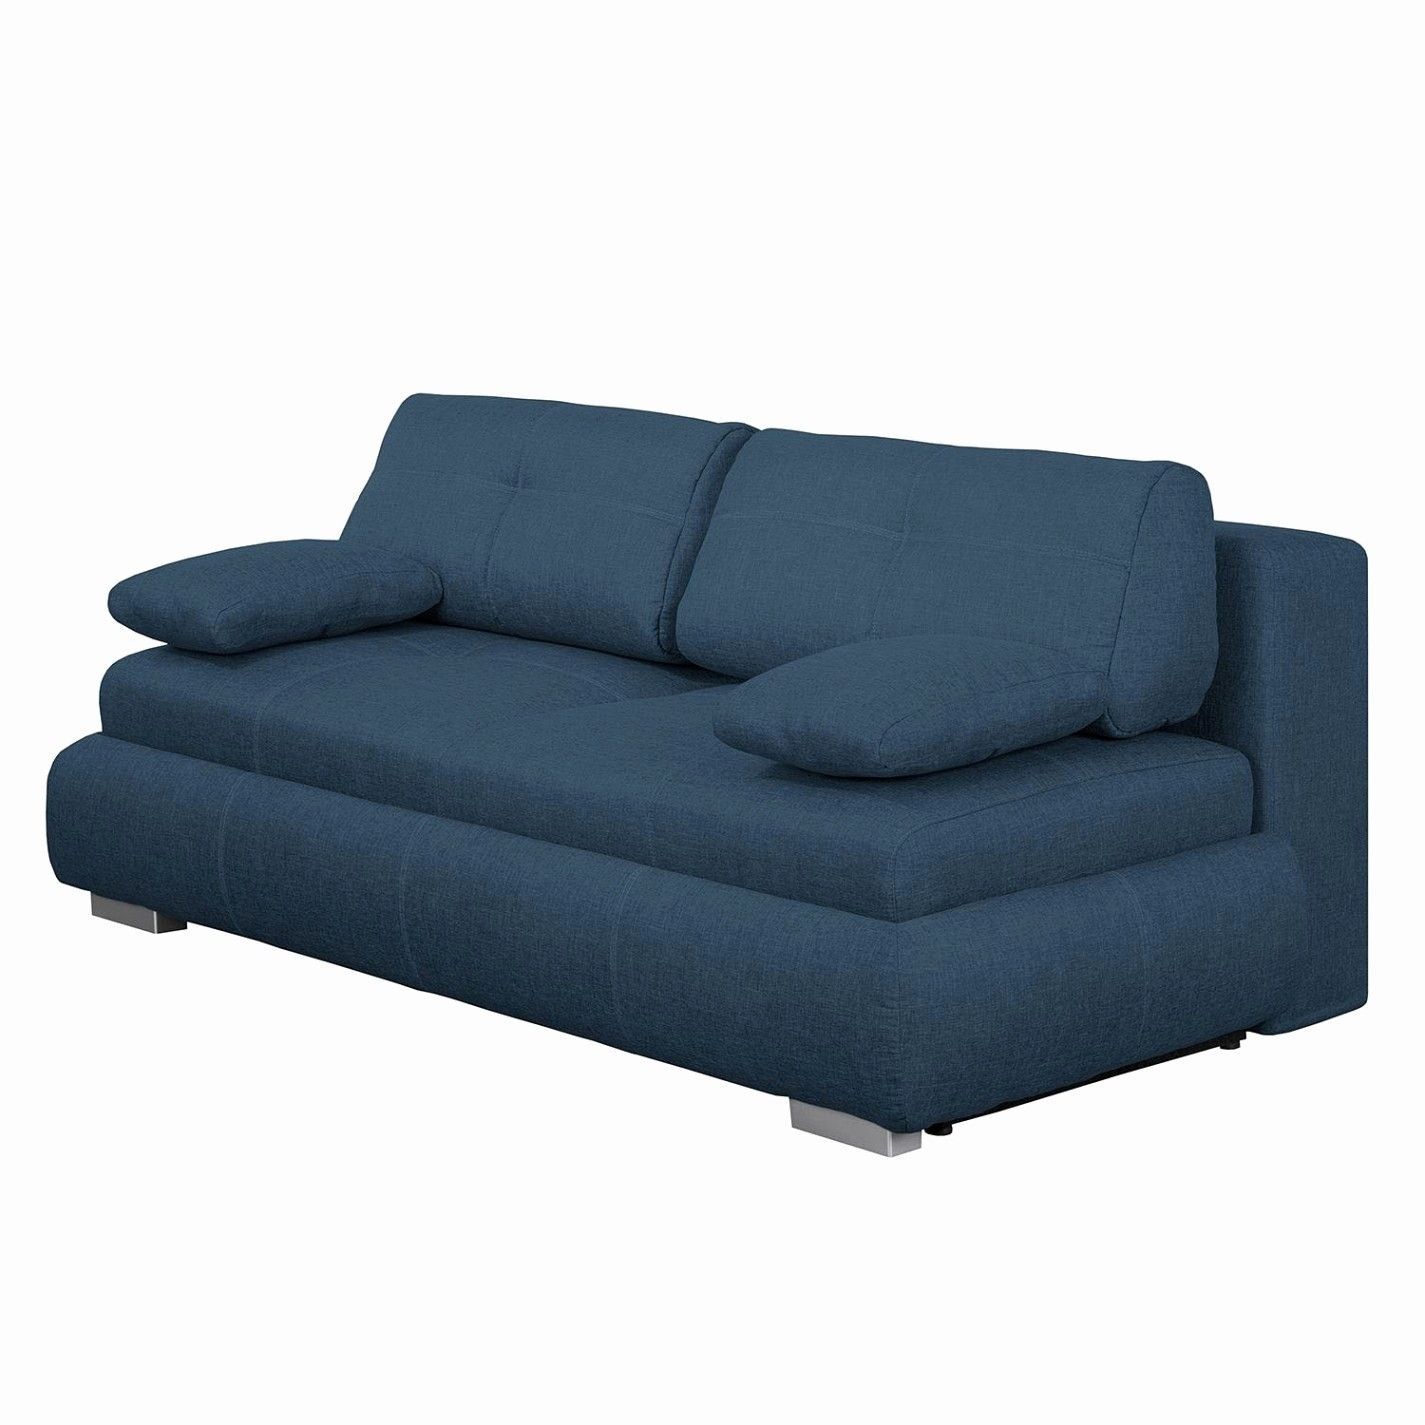 Full Size of Sofa Aus Matratzen Ikea Test Beeindruckend Im Einzigartig Stoff Schlafsofa Liegefläche 180x200 3 Sitzer Mit Relaxfunktion Esstisch Eiche Ausziehbar Regale Sofa Sofa Aus Matratzen